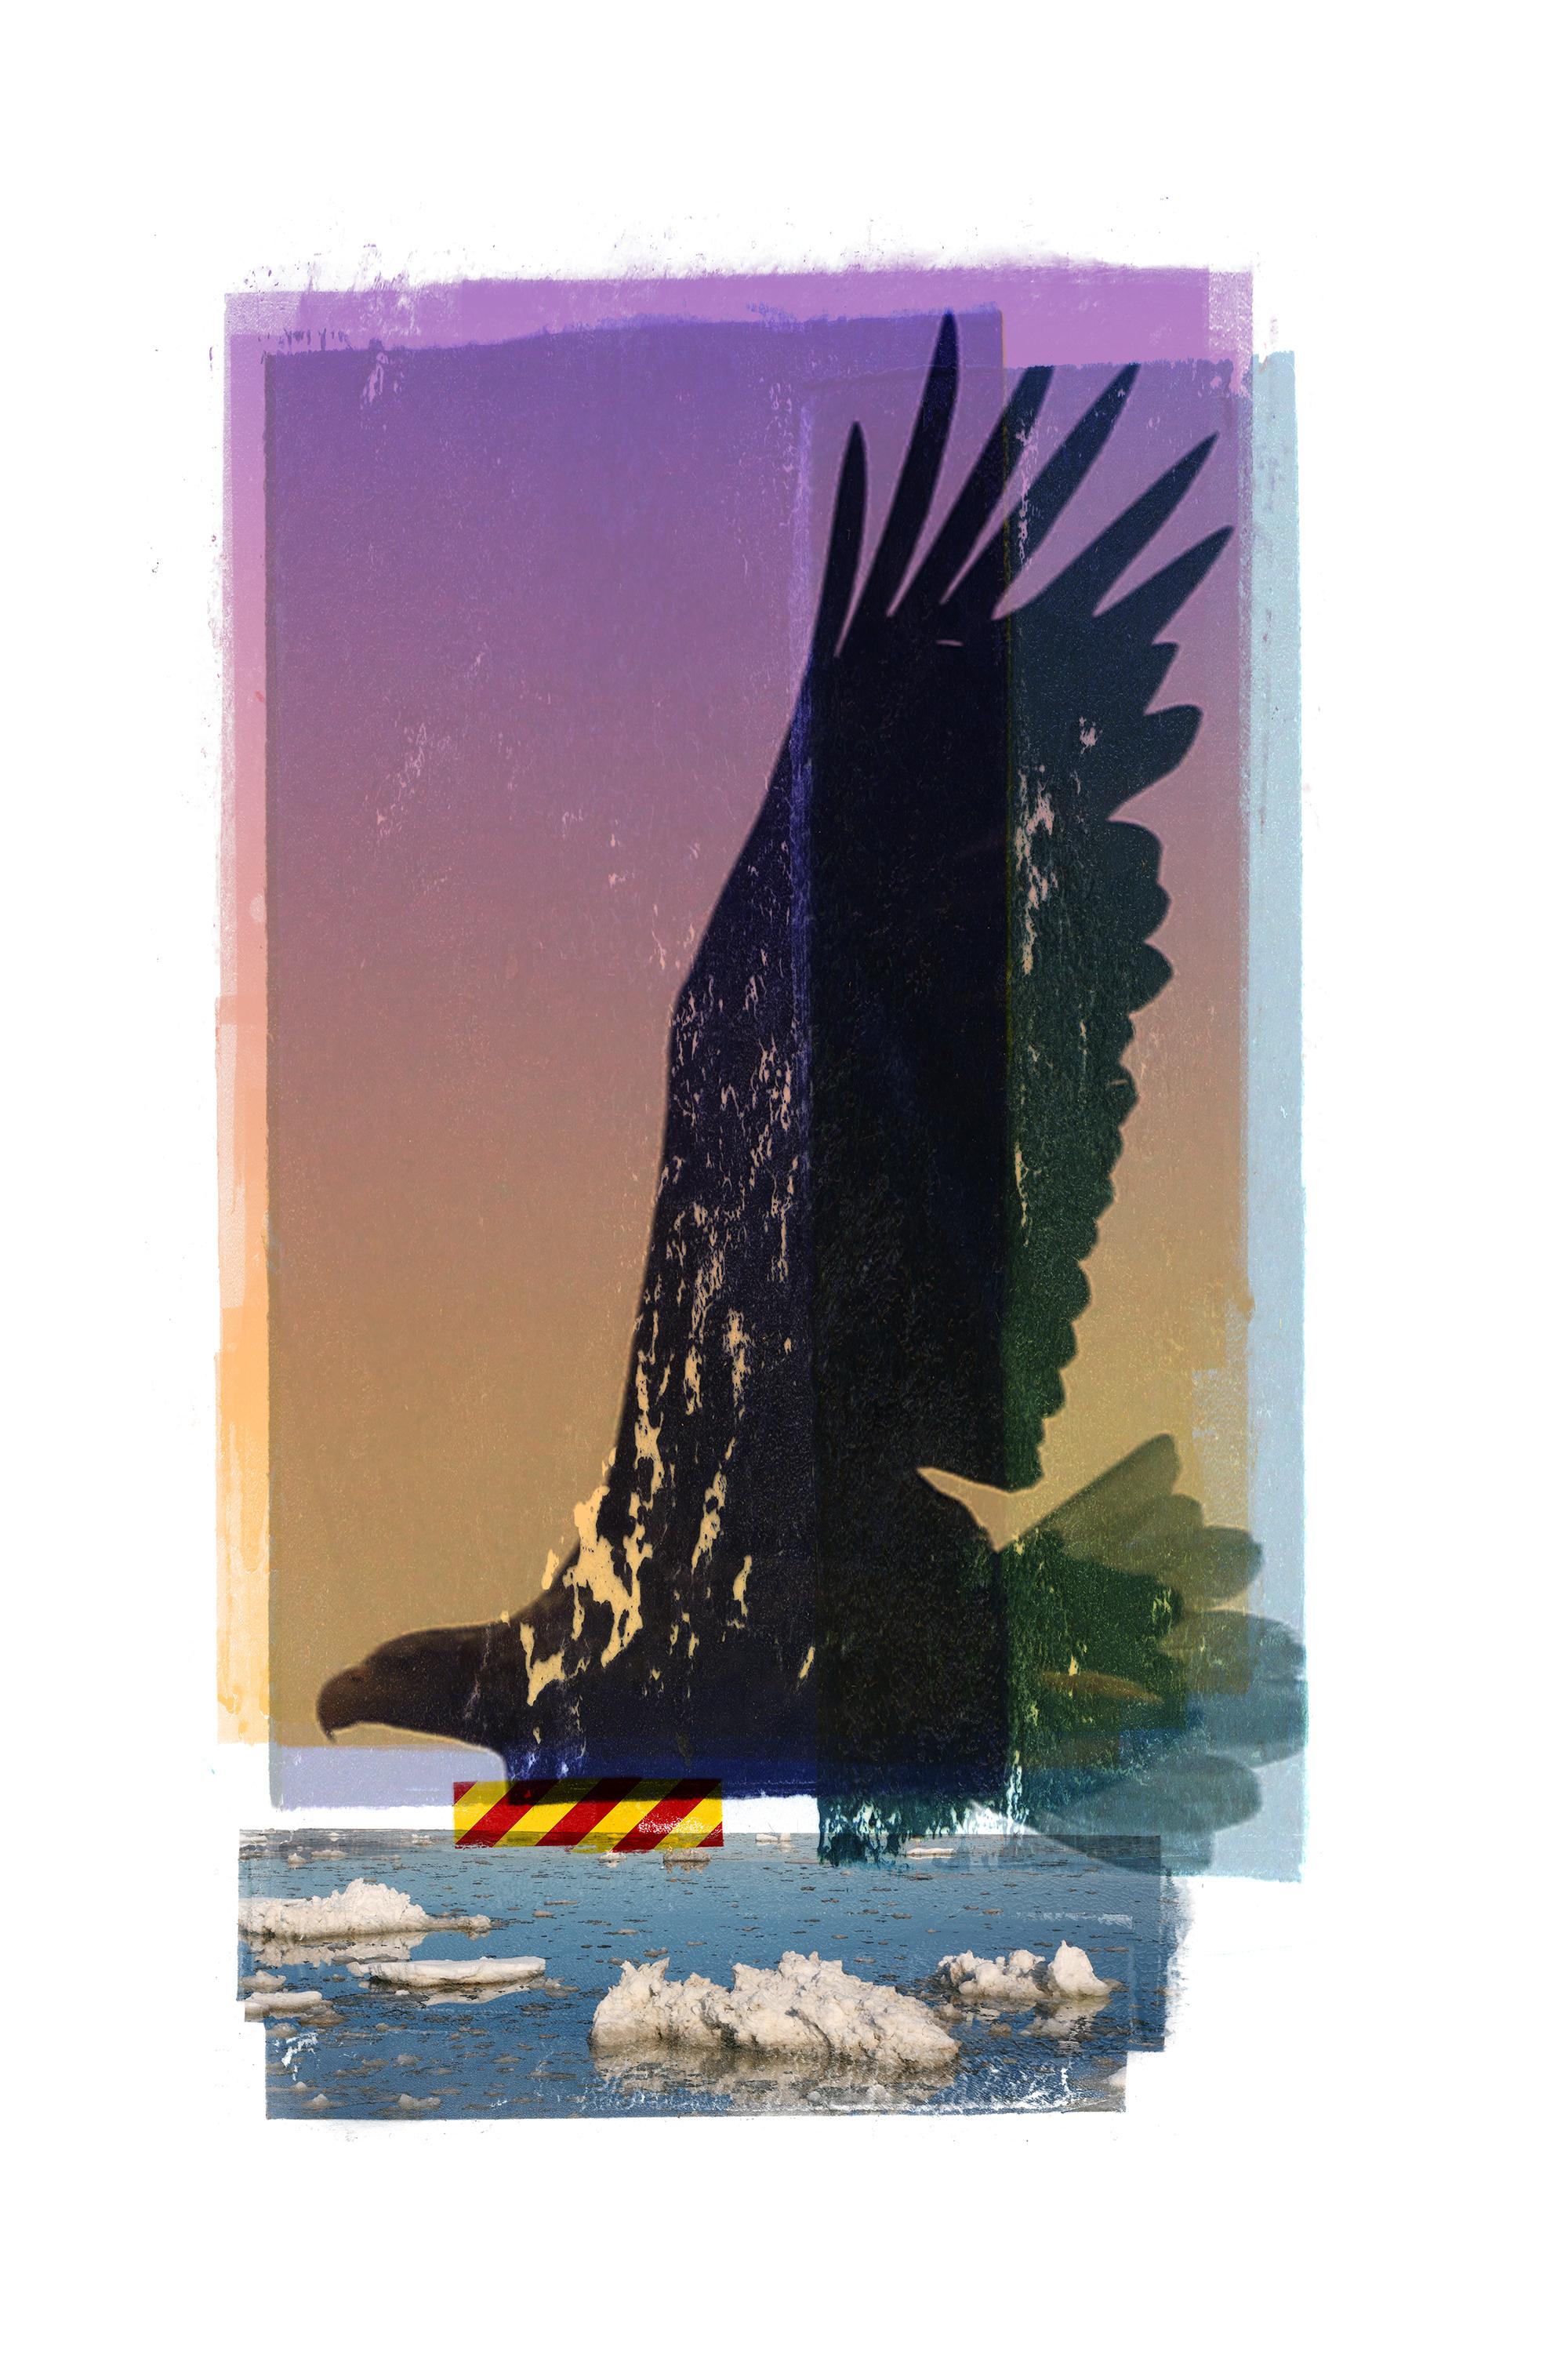 Aquila / River / Paris Accord (Lofoten)  Photolitho / IDEM PARIS / BFK Rives 250 gr, Handcut 38 x 58 cm / 15 x 22,8 in Edition of 100 + 15 Ap Editeur: IDEM PARIS / Per Fronth  13/2017: